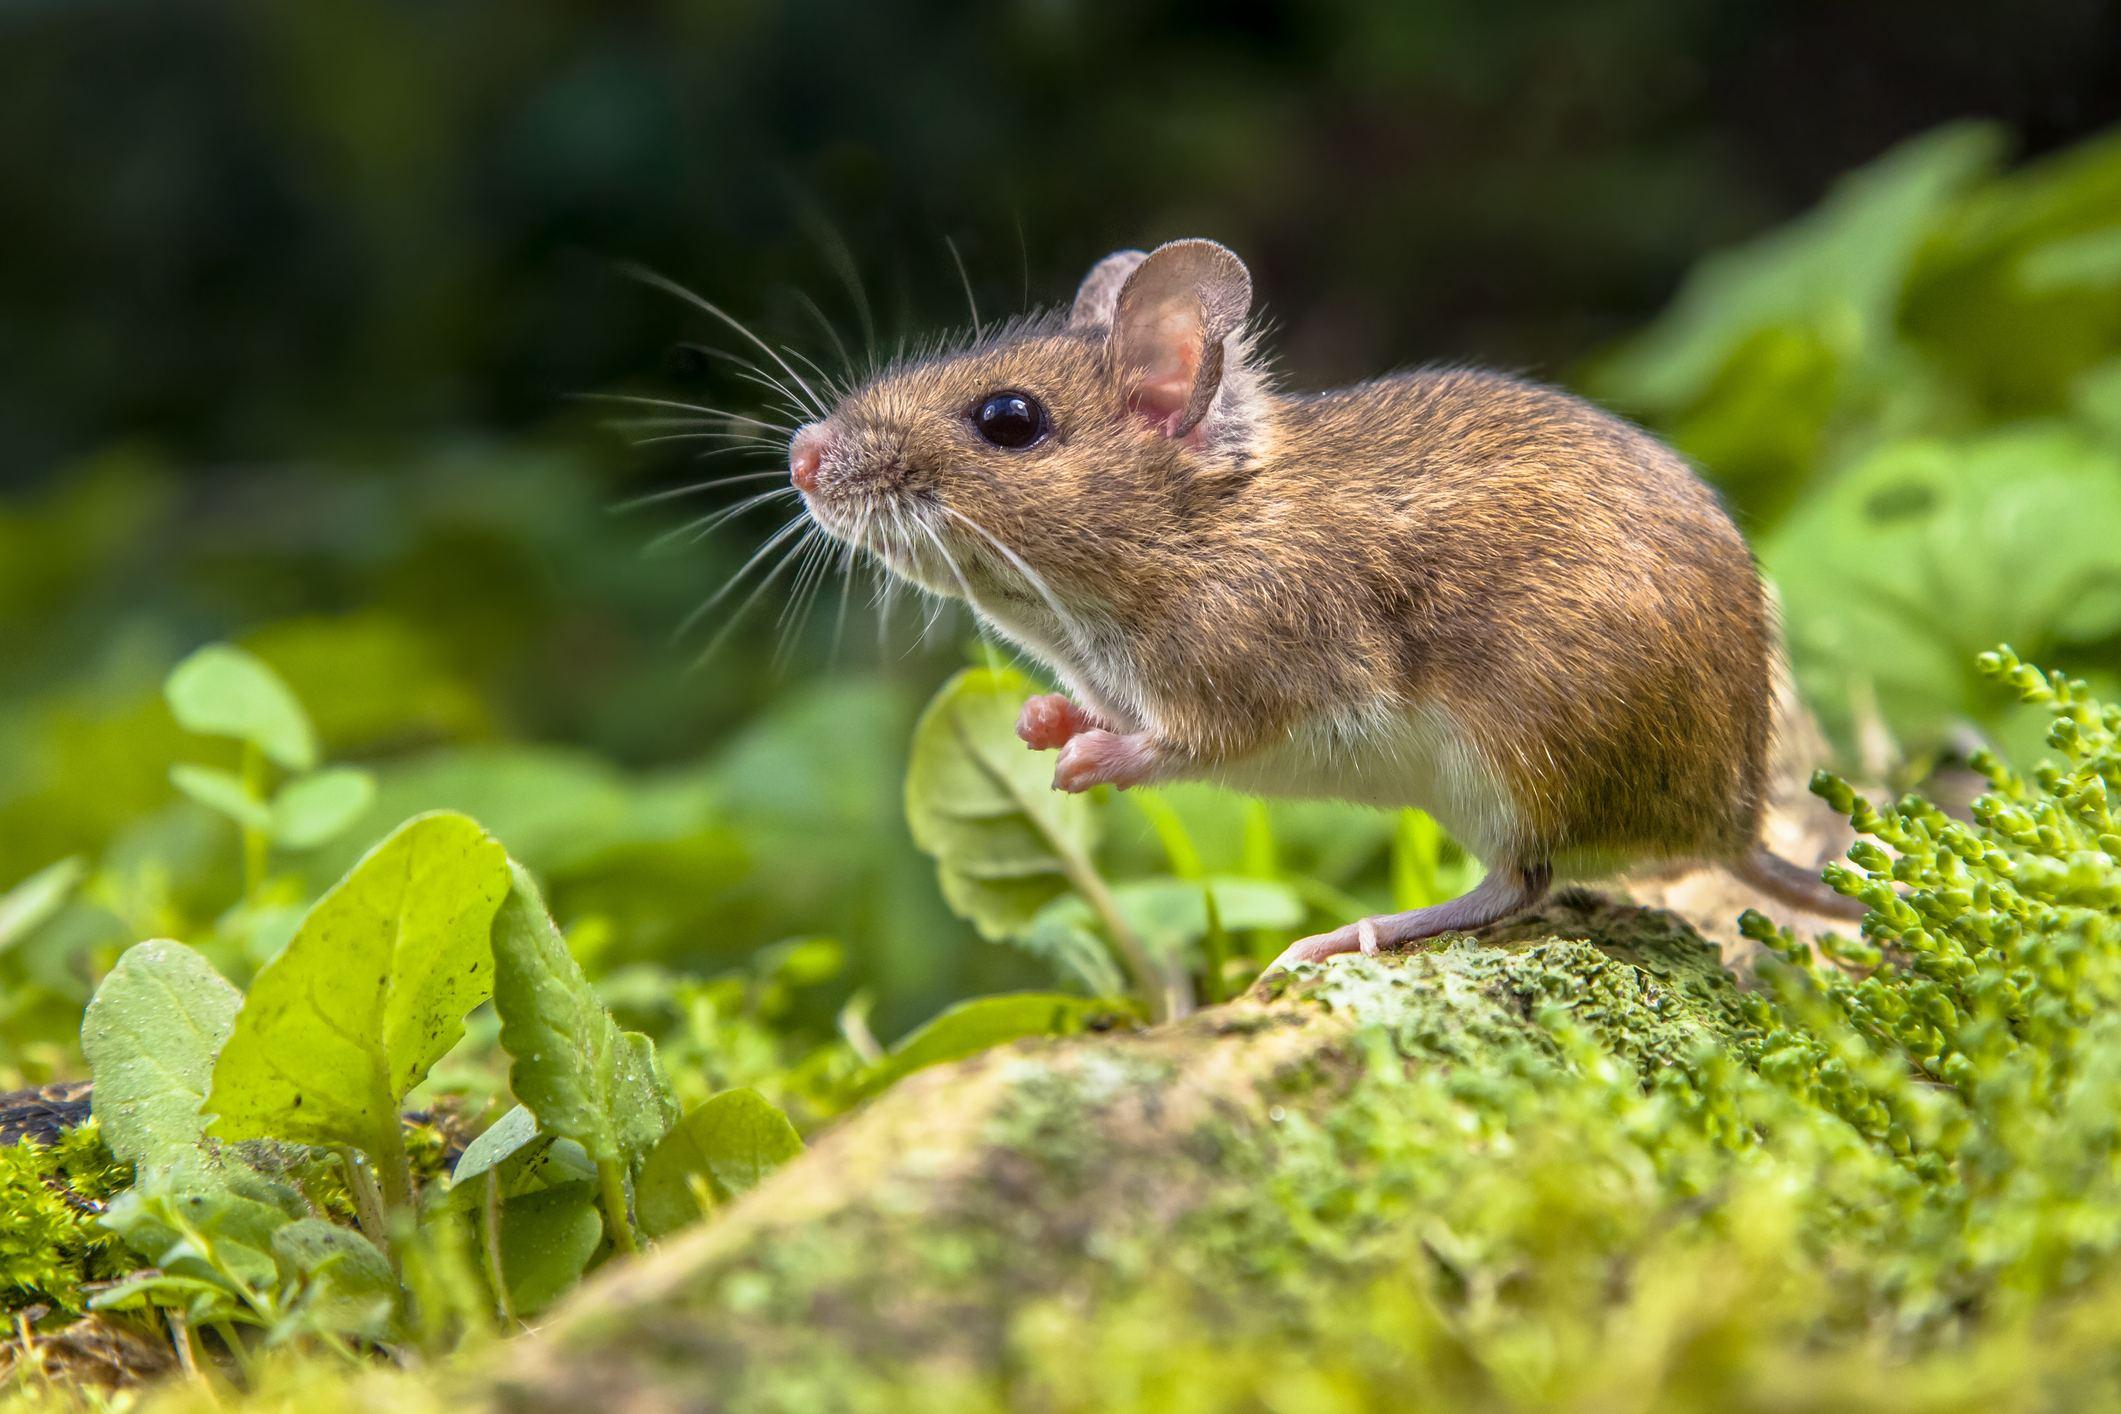 fareler kemirgen türleri arasındadır